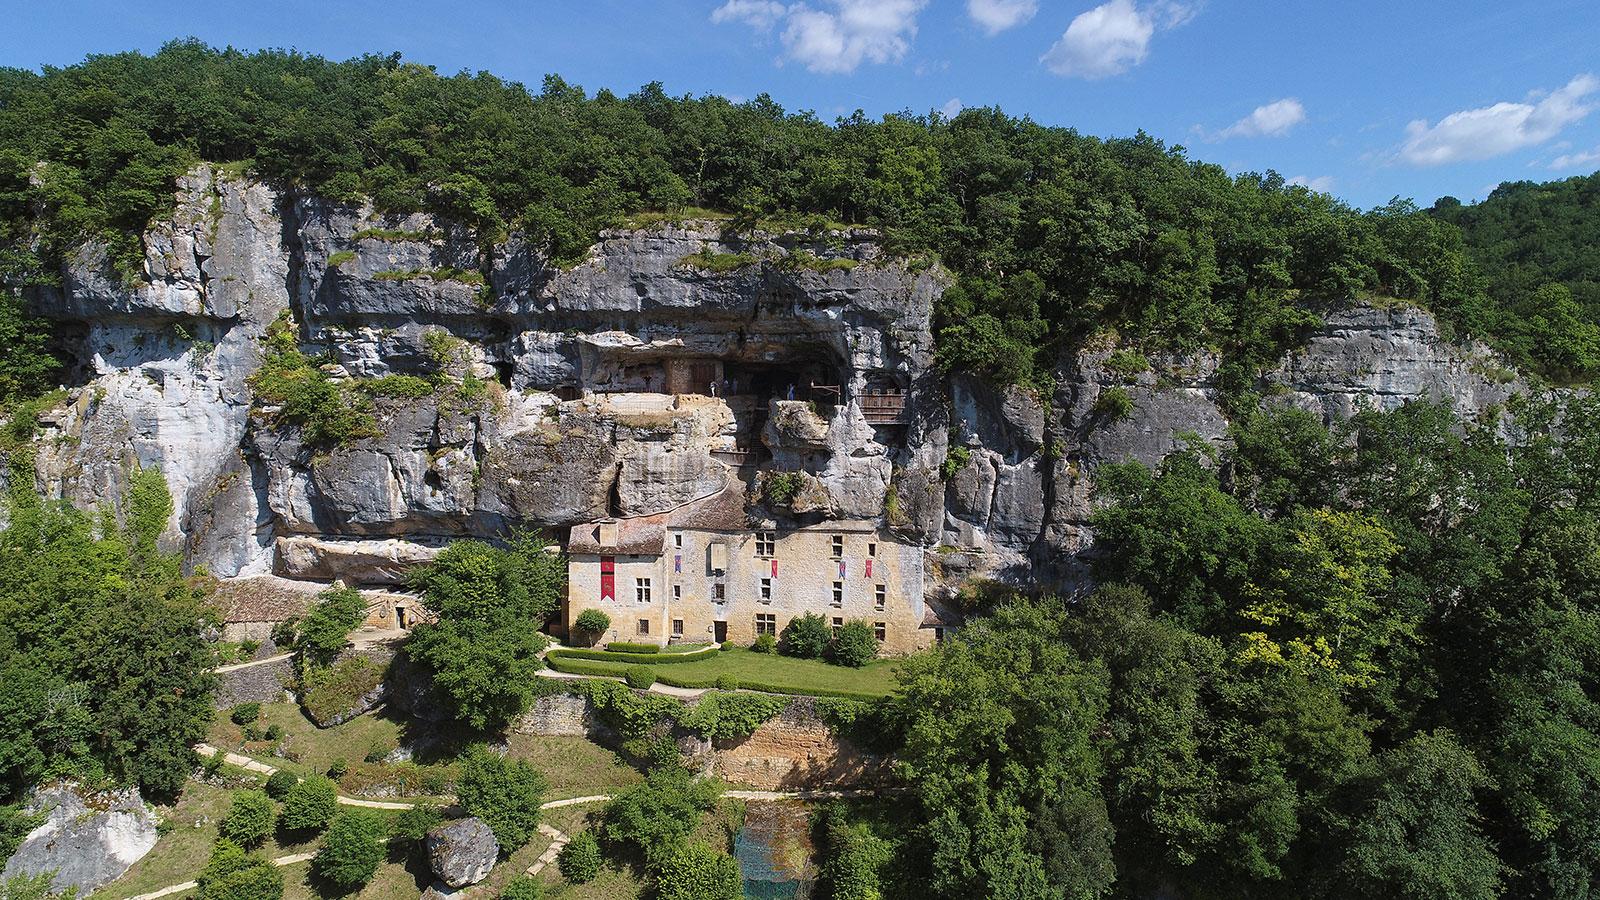 Maison Forte de Reignac - Sites troglodytiques à Tursac - Guide du